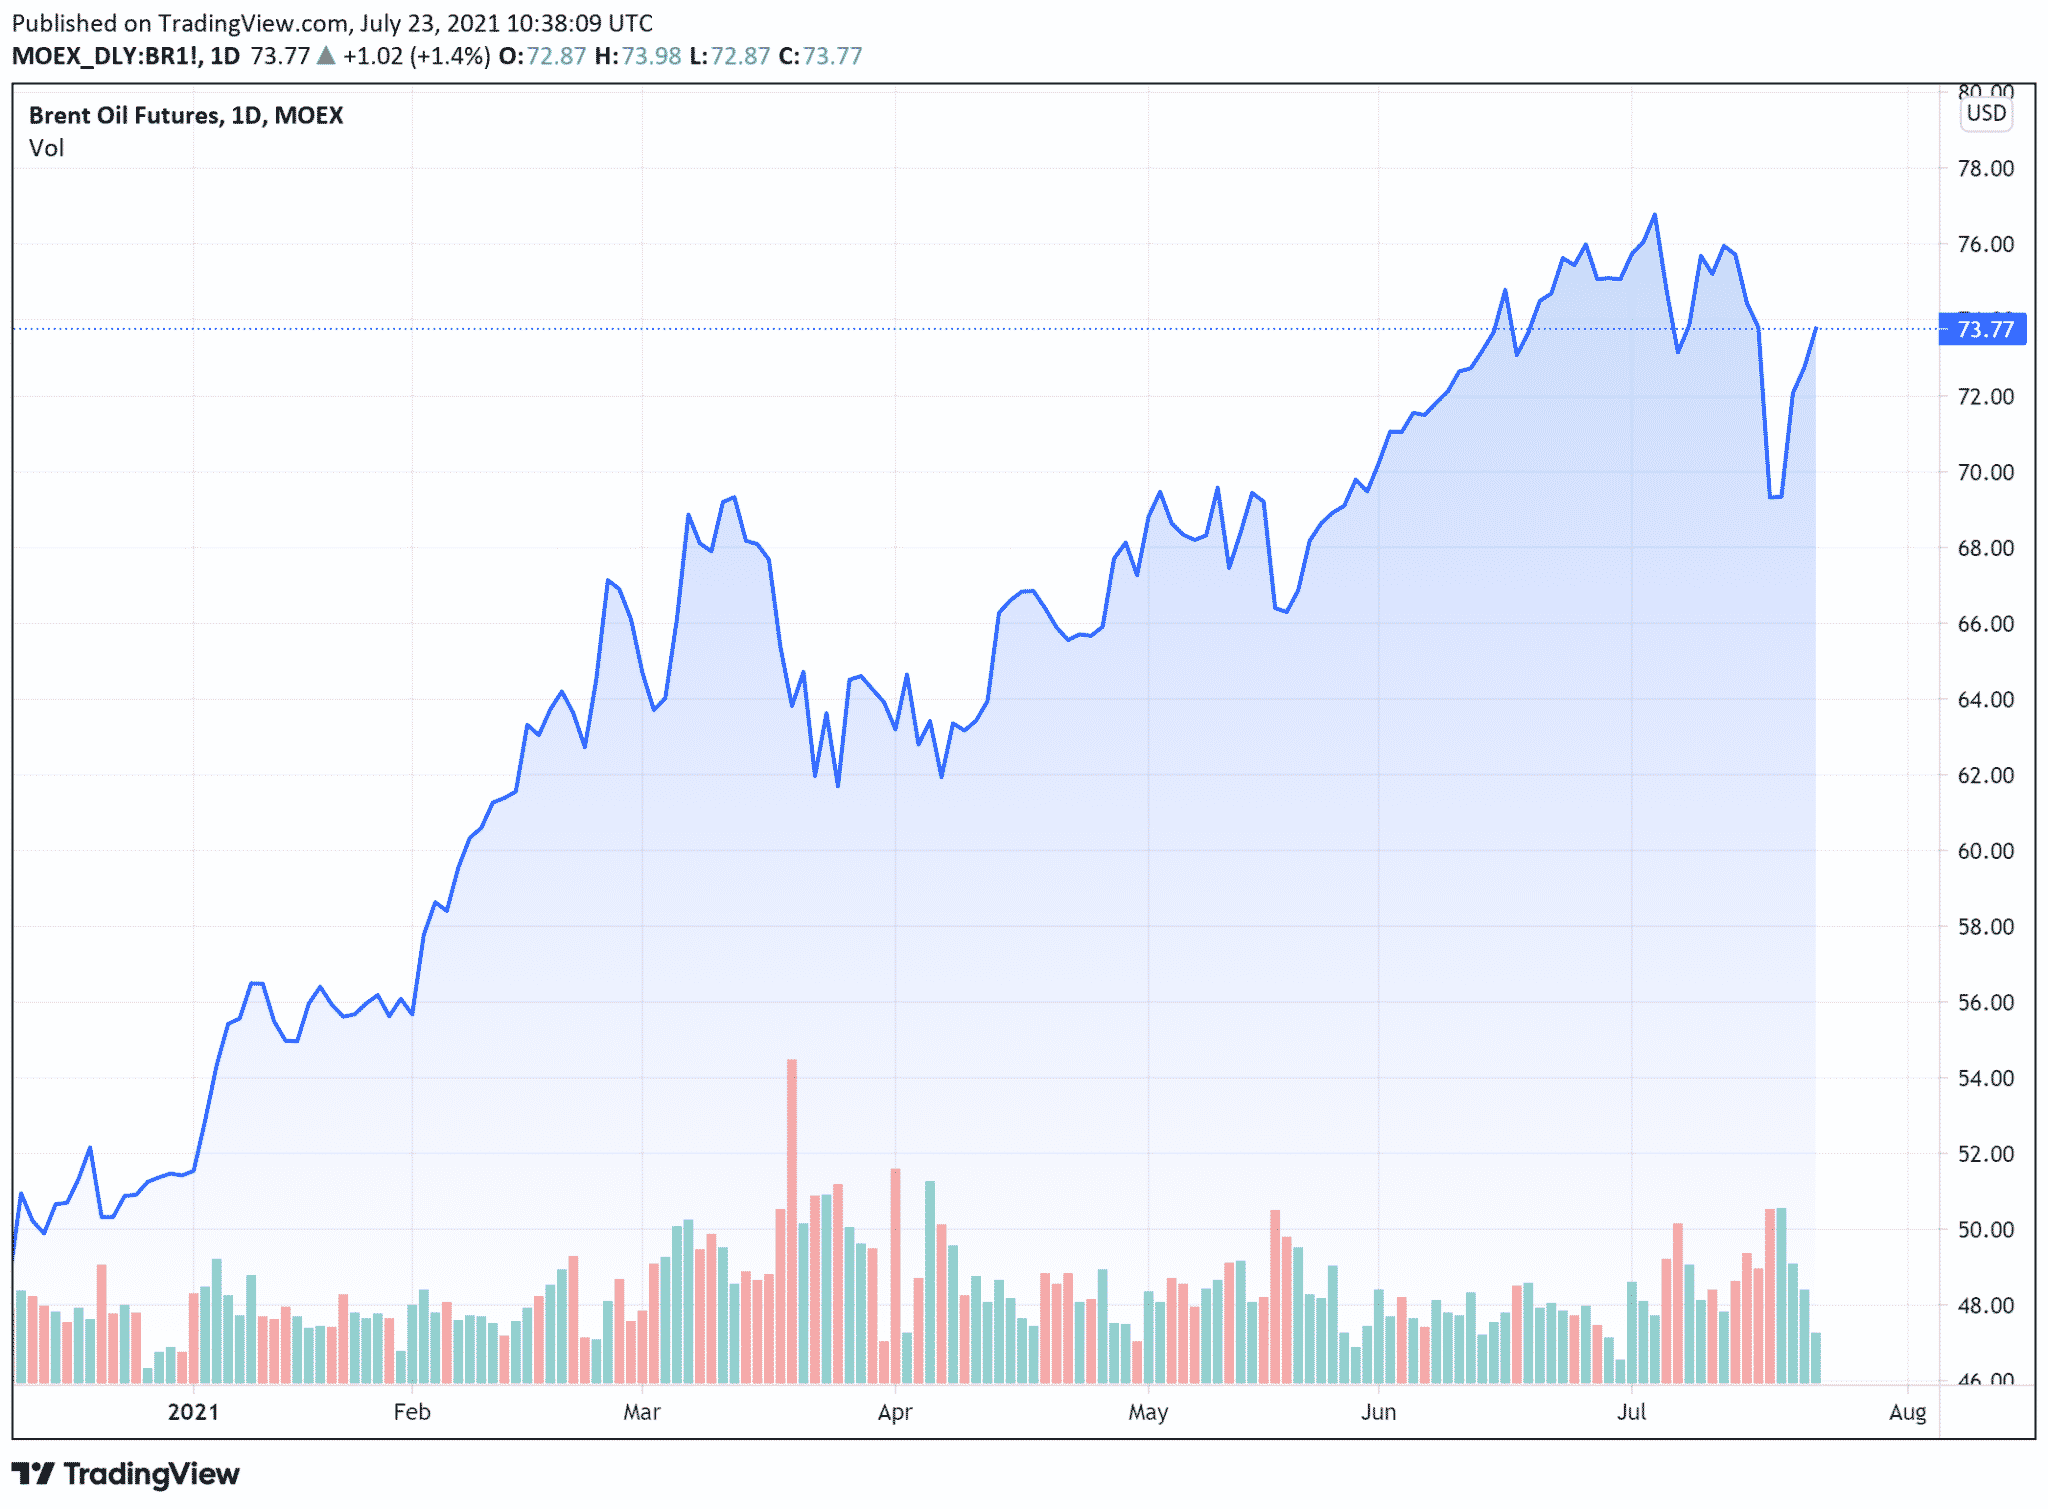 cours petrole wti (baril en $) vendredi 23 juillet 2021